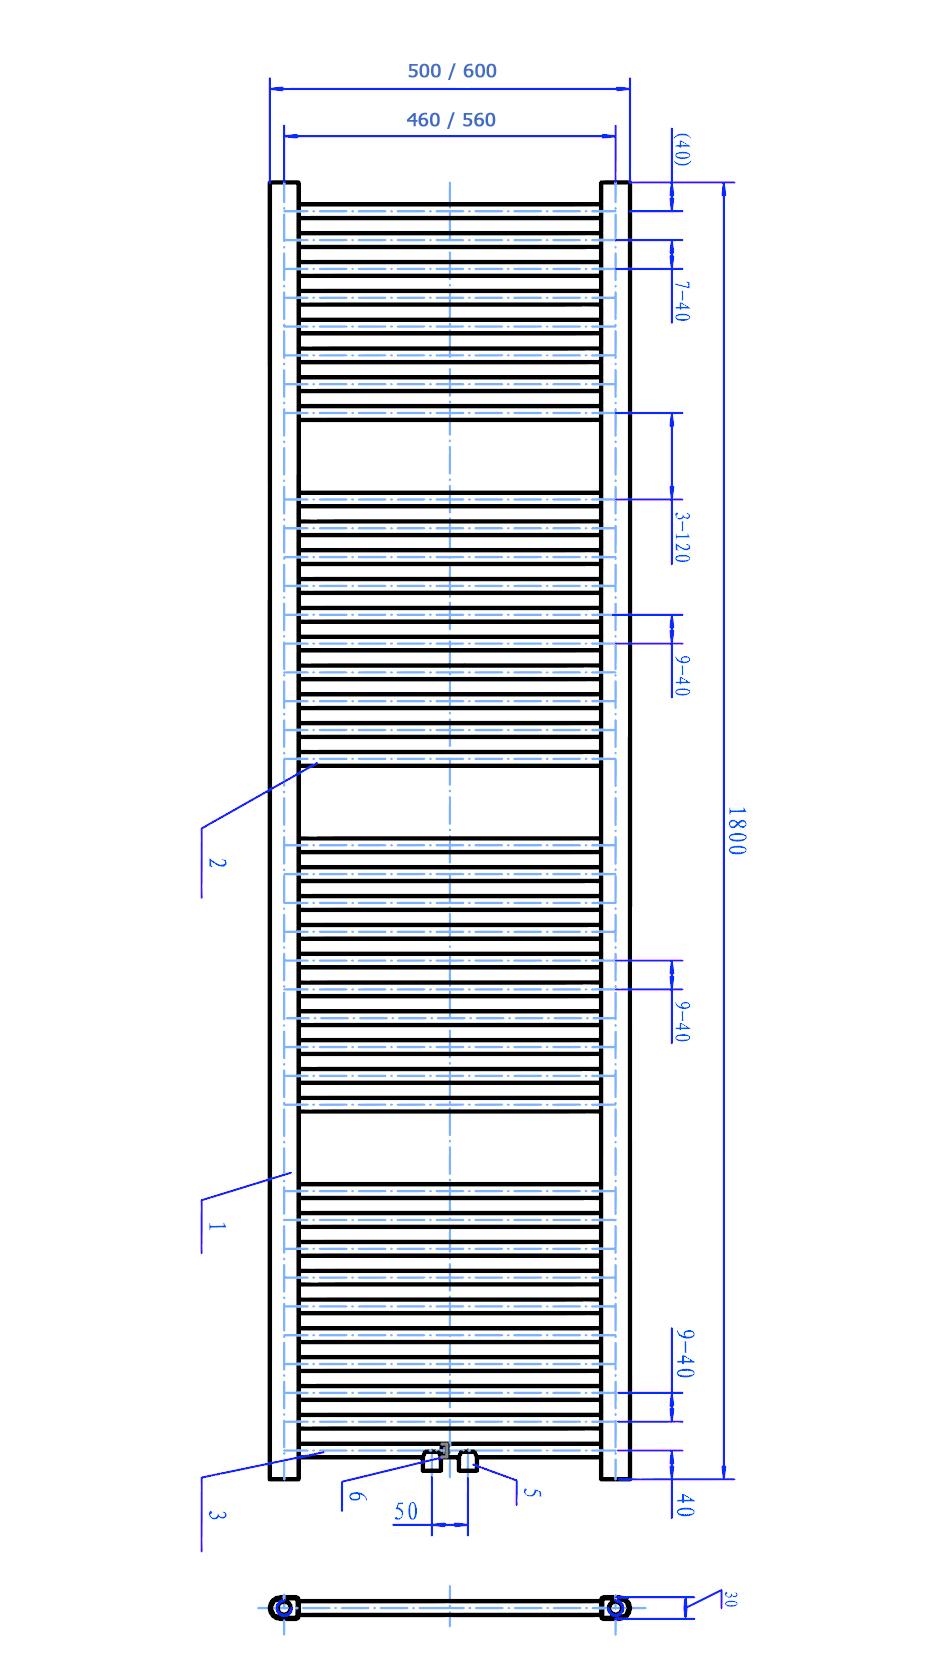 Badheizkörper R18C - Zeichnung 2